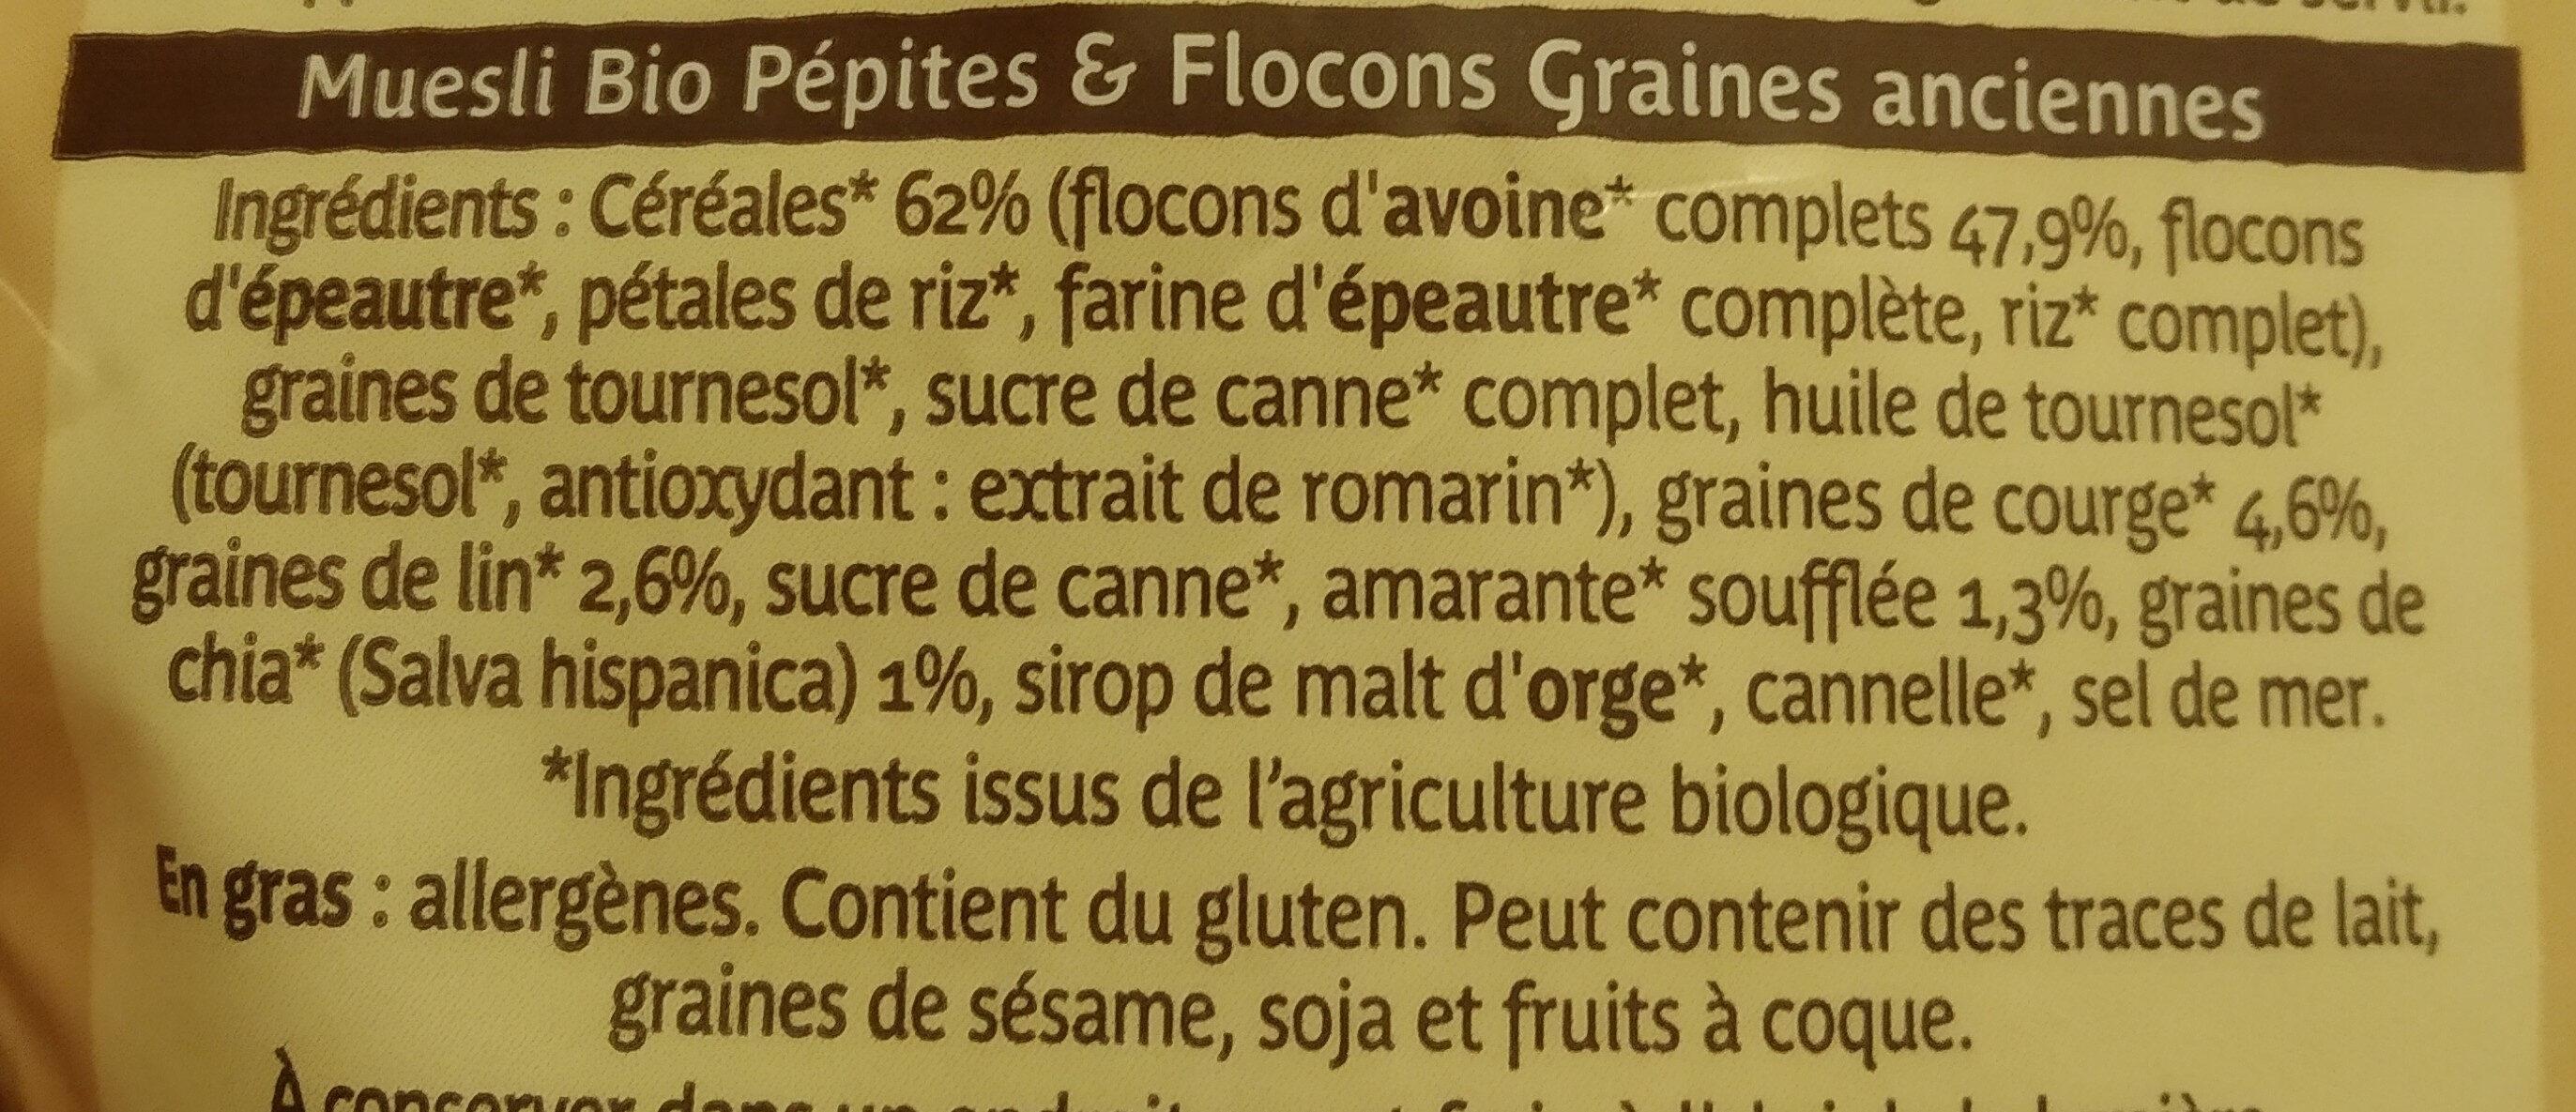 Muesli bio pepites & flocons graines anciennes - Ingredients - fr